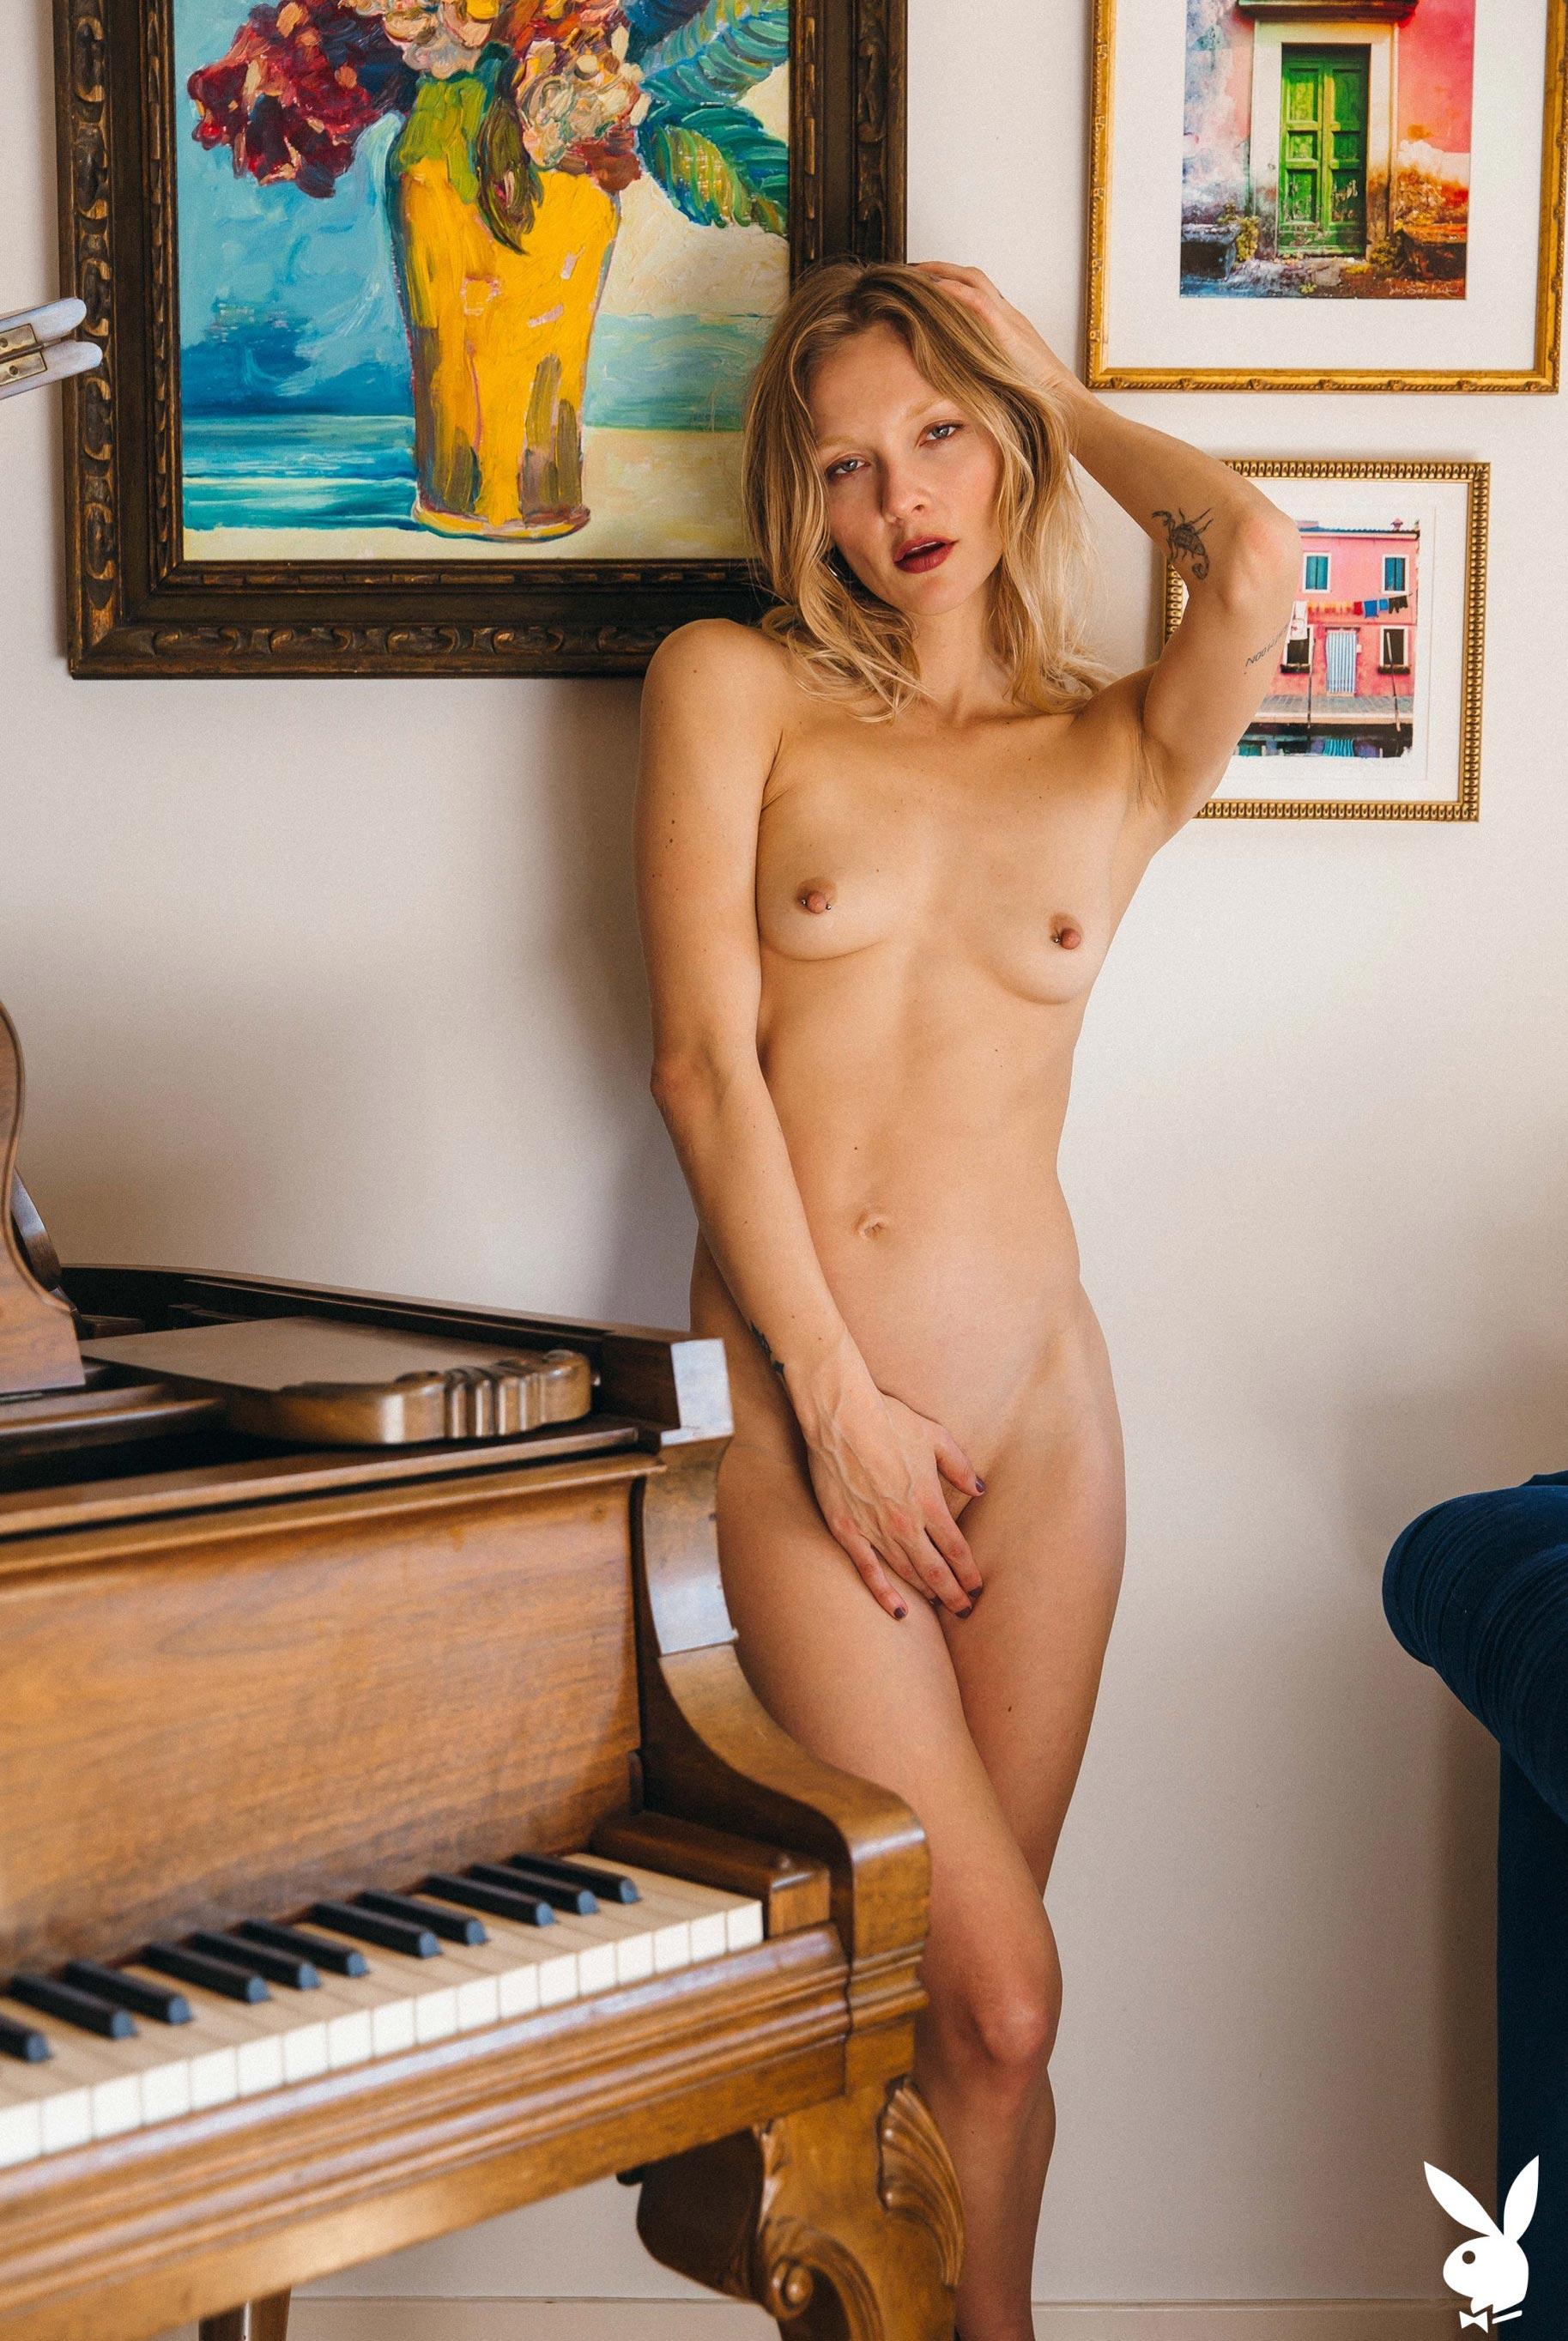 студентка и модель, голая у пианино / фото 05